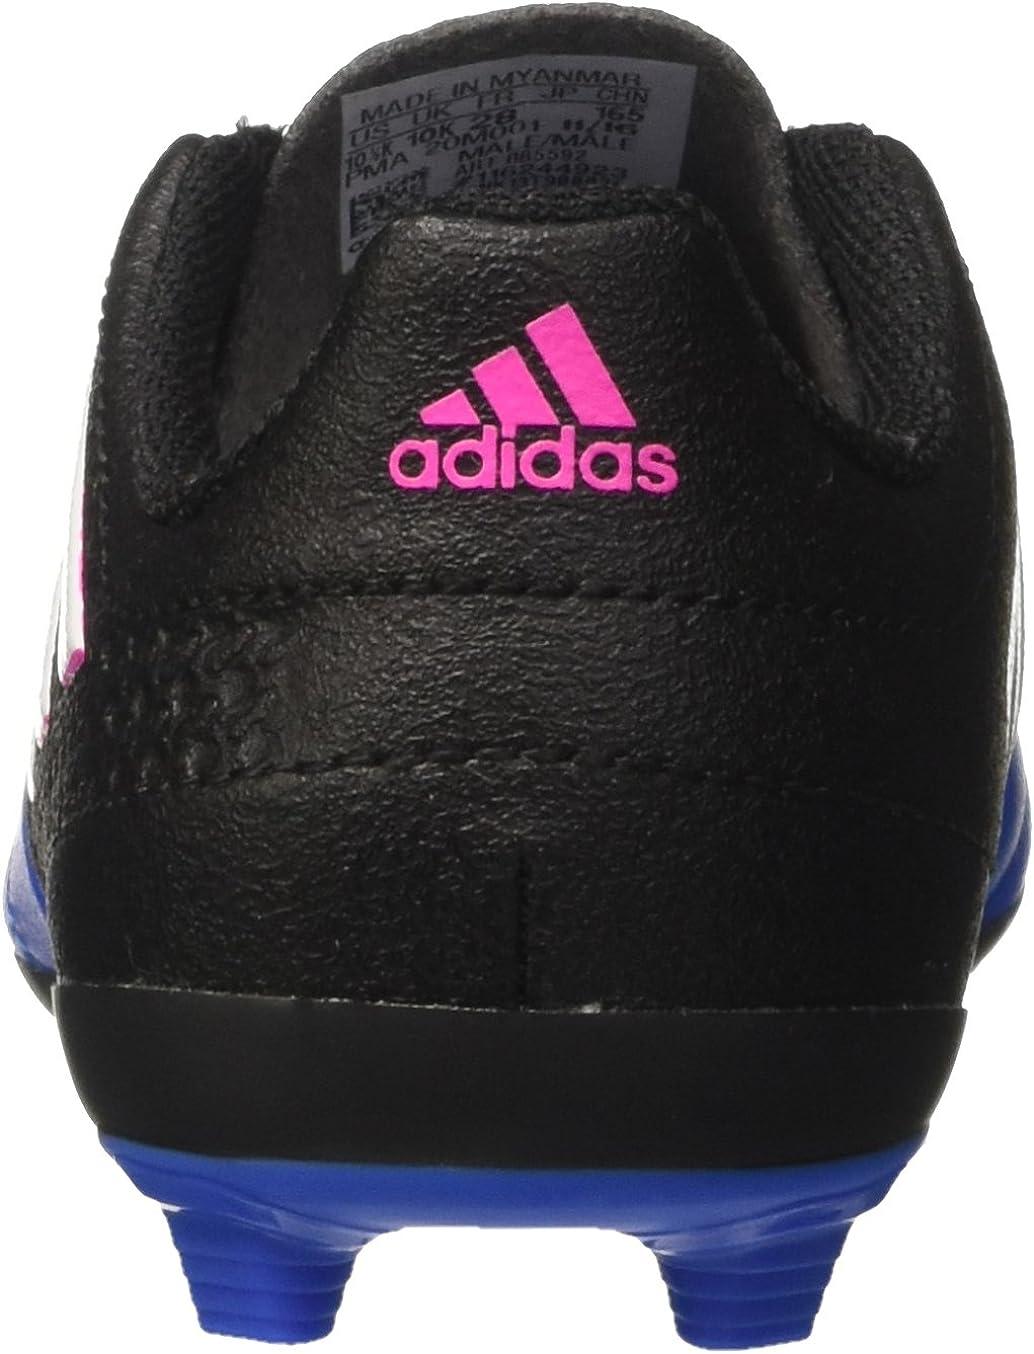 adidas Ace 17.4 FxG J Chaussures de Futsal Mixte Enfant